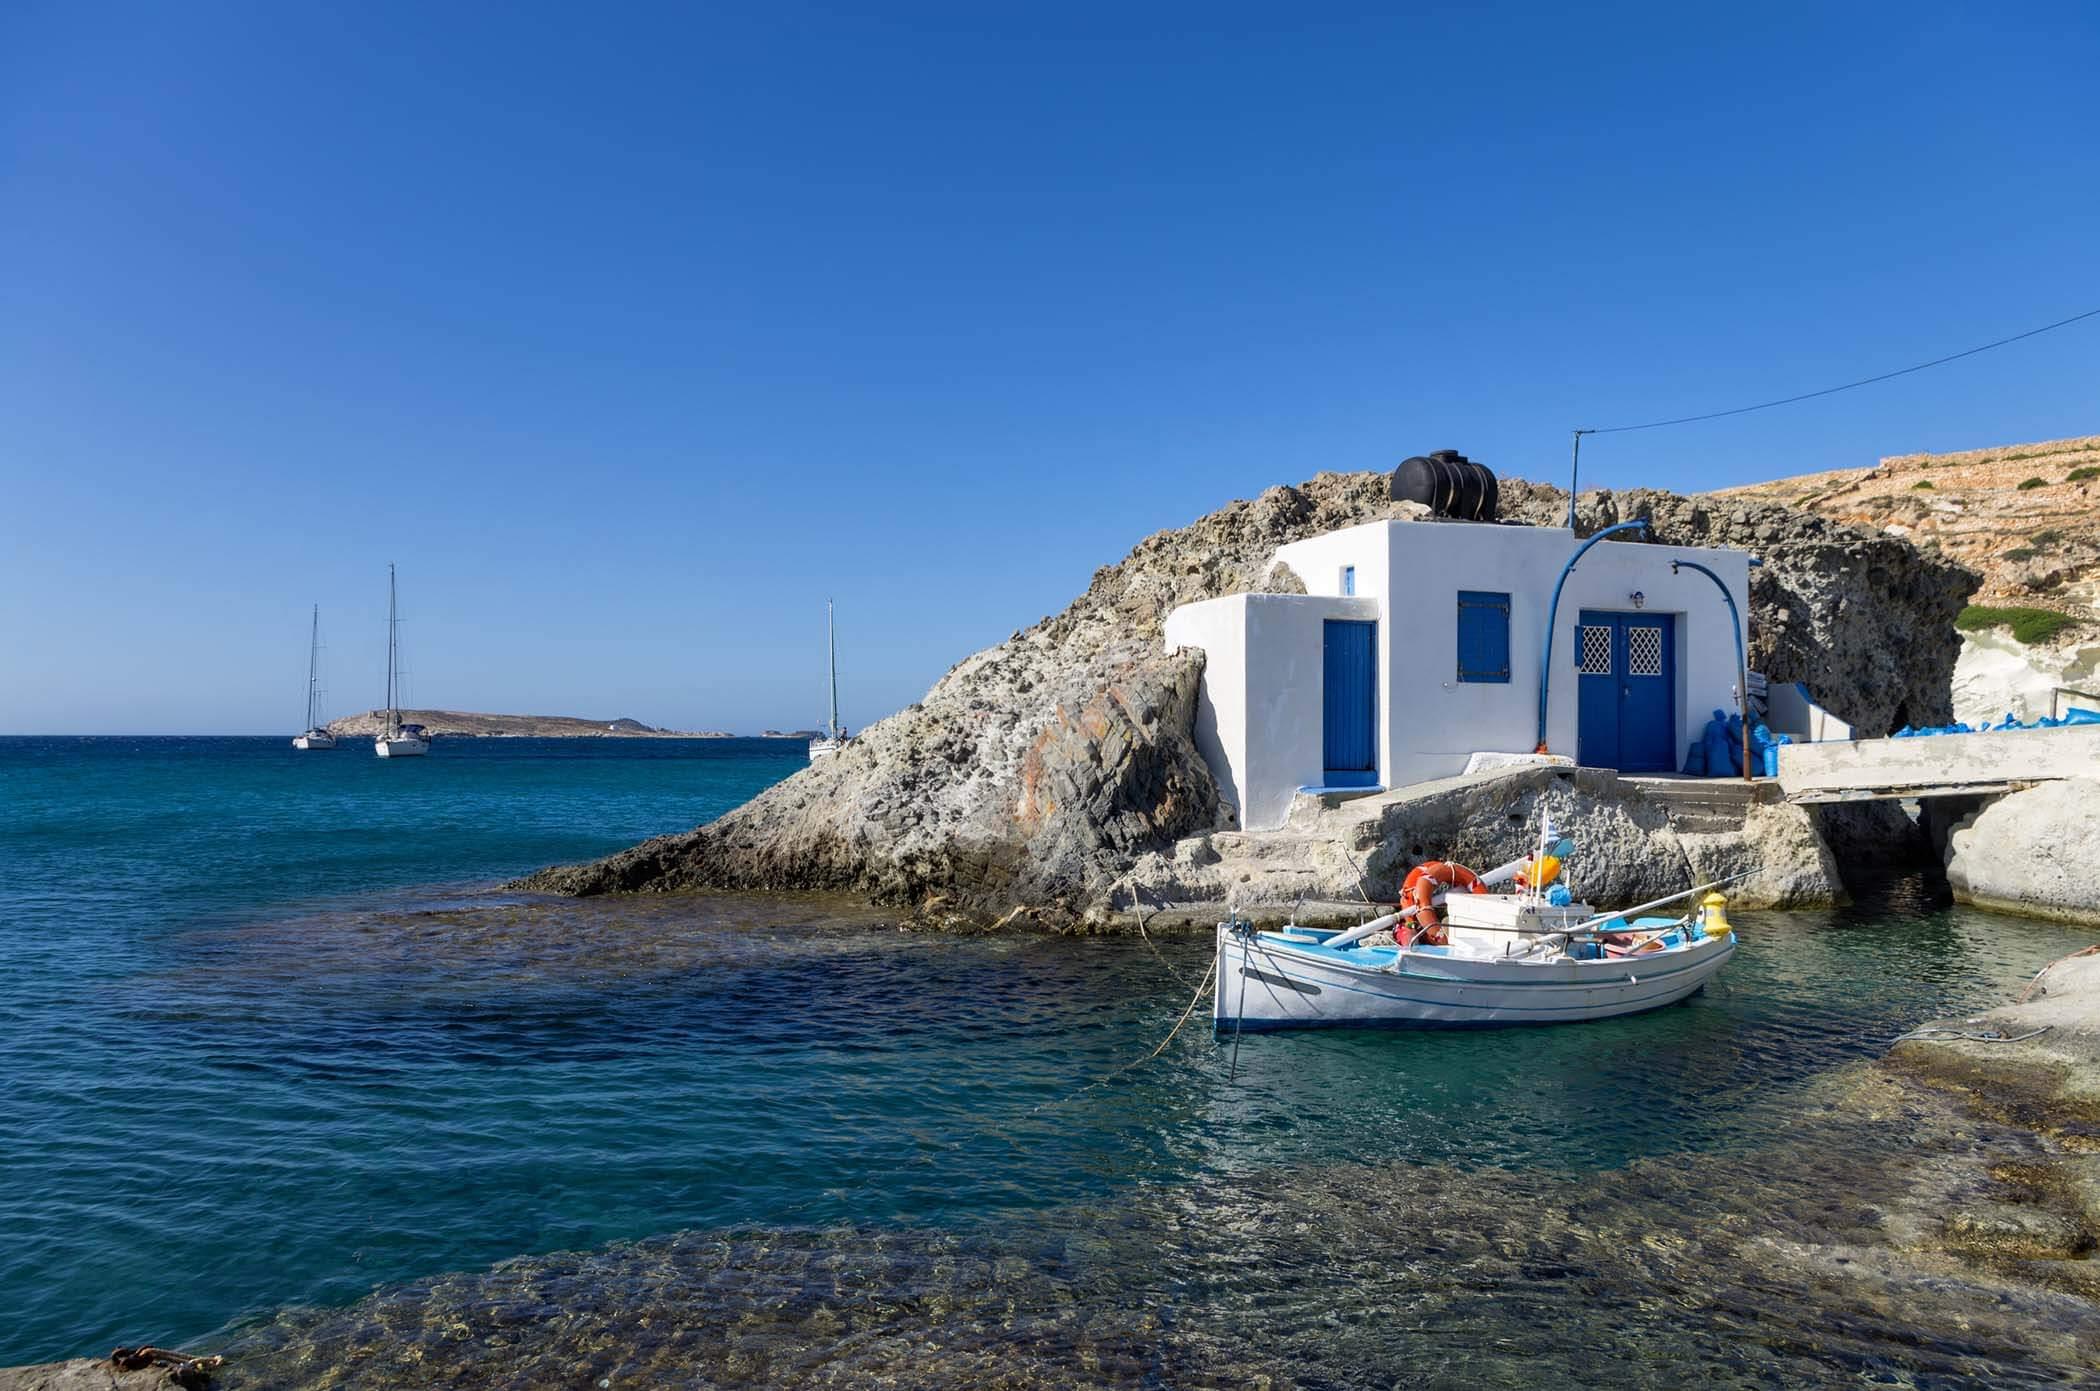 K molos islas del egeo grecia for Casetta lemnos